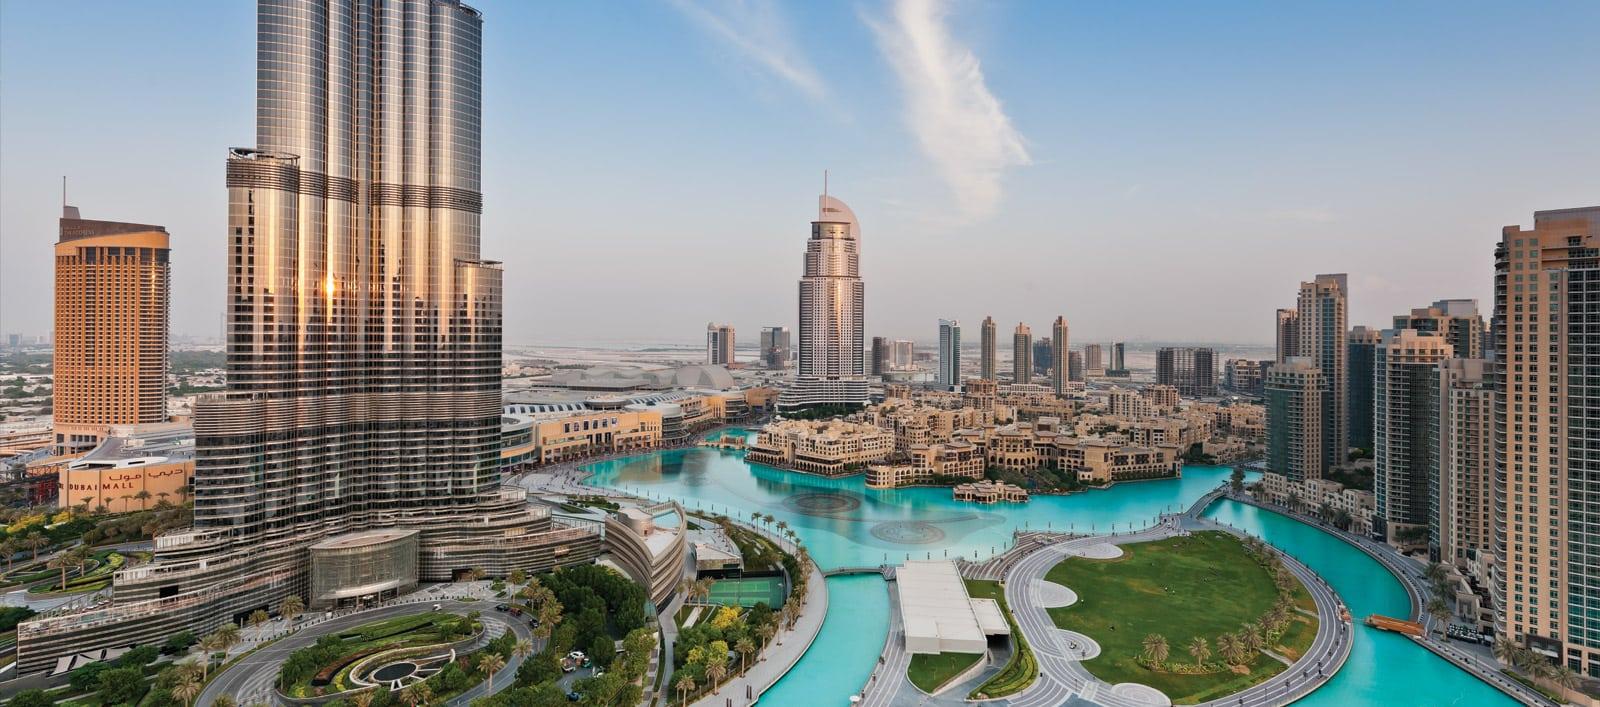 حديقة البرج في دبي